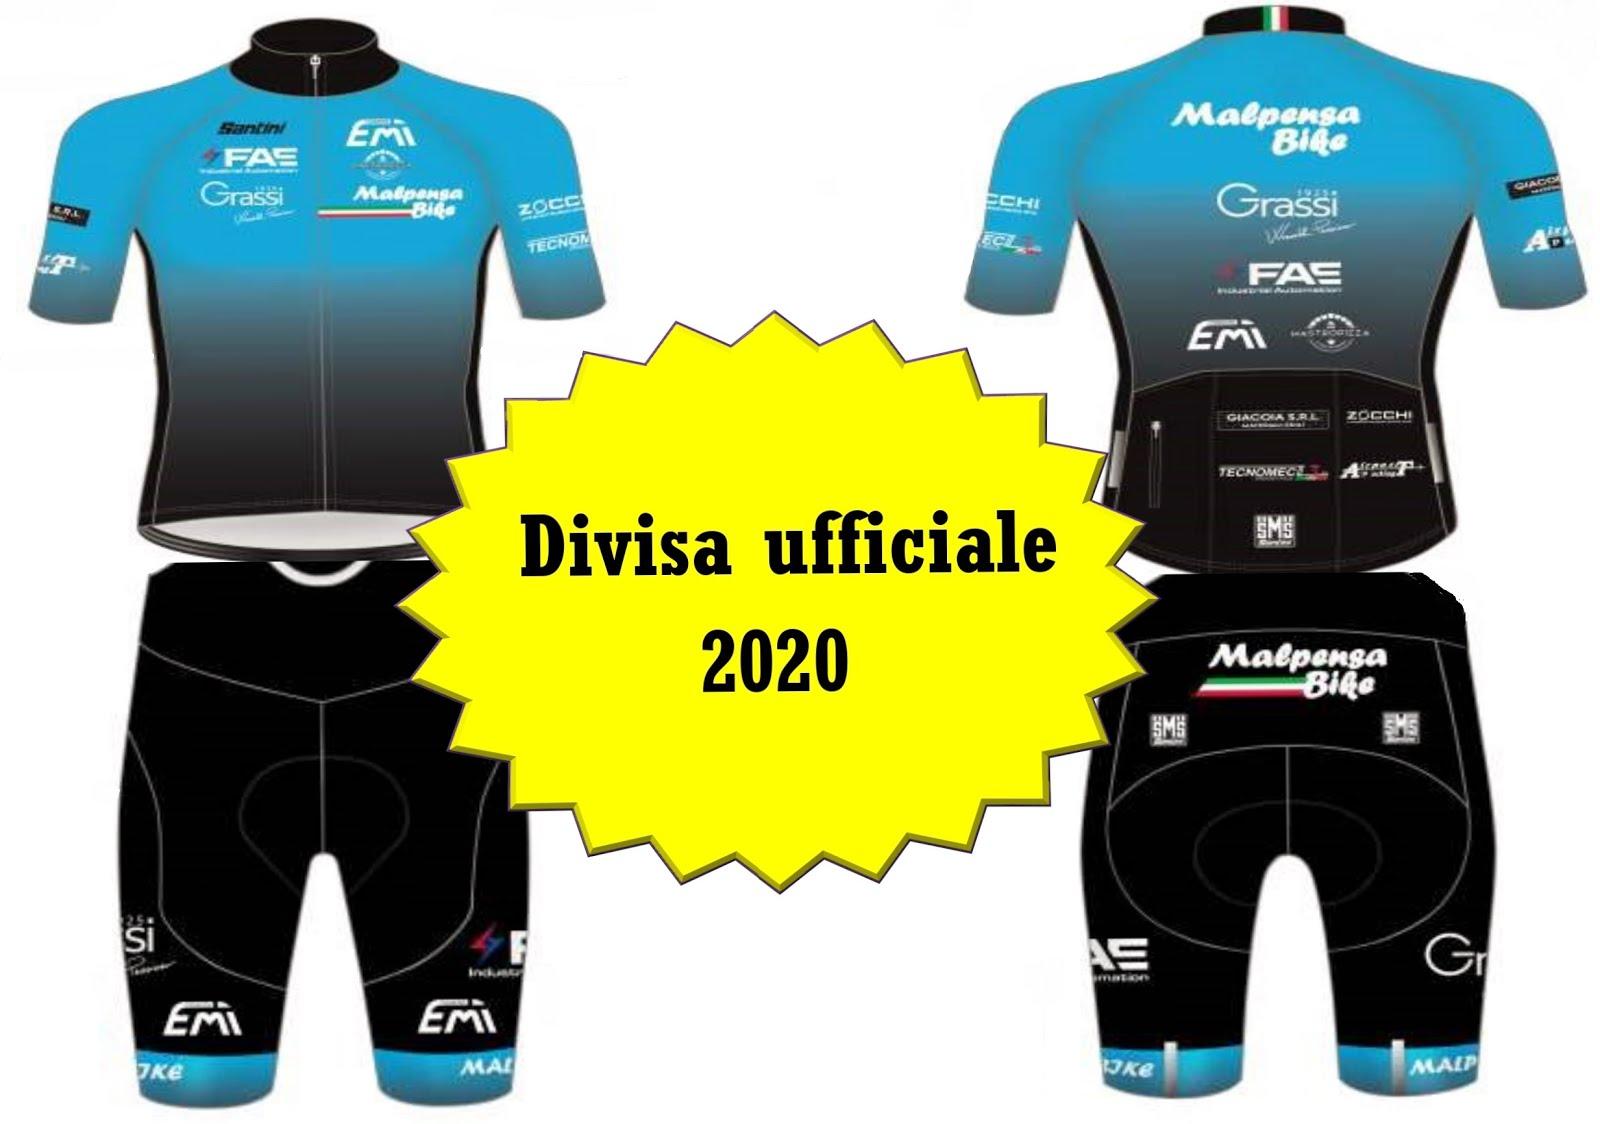 Divisa Ufficiale 2020-2023